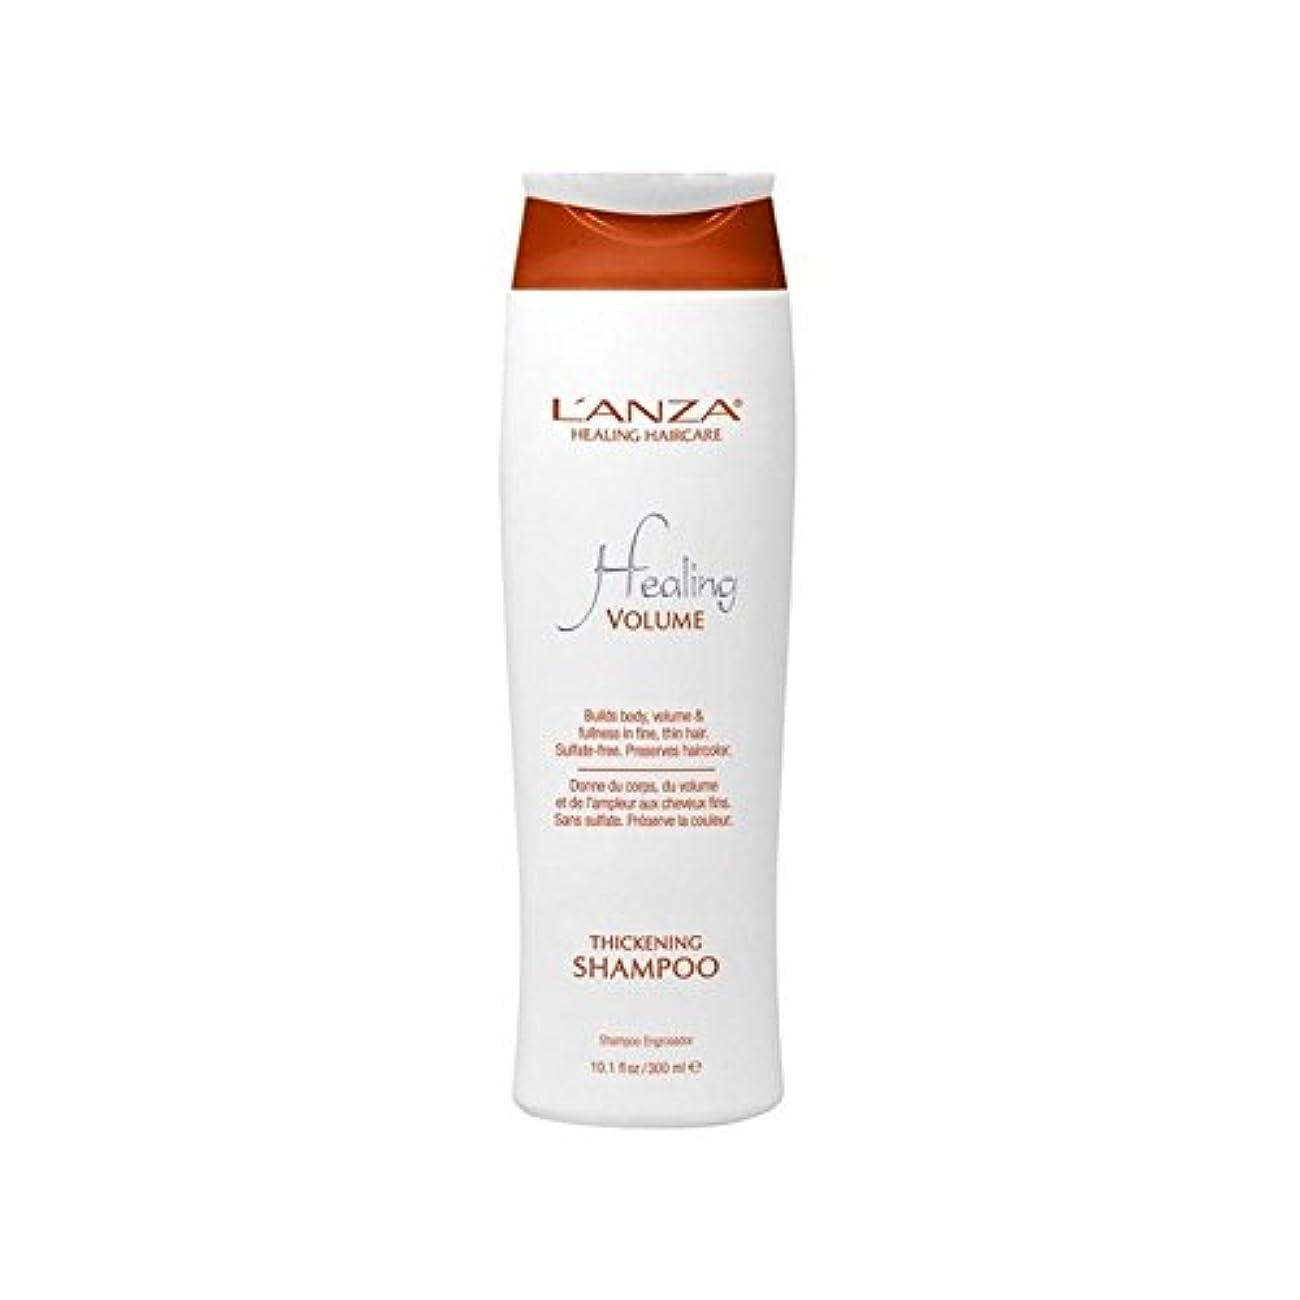 エンドテーブル実現可能性ドームアンザ癒しのボリューム肥厚シャンプー(300ミリリットル) x2 - L'Anza Healing Volume Thickening Shampoo (300ml) (Pack of 2) [並行輸入品]